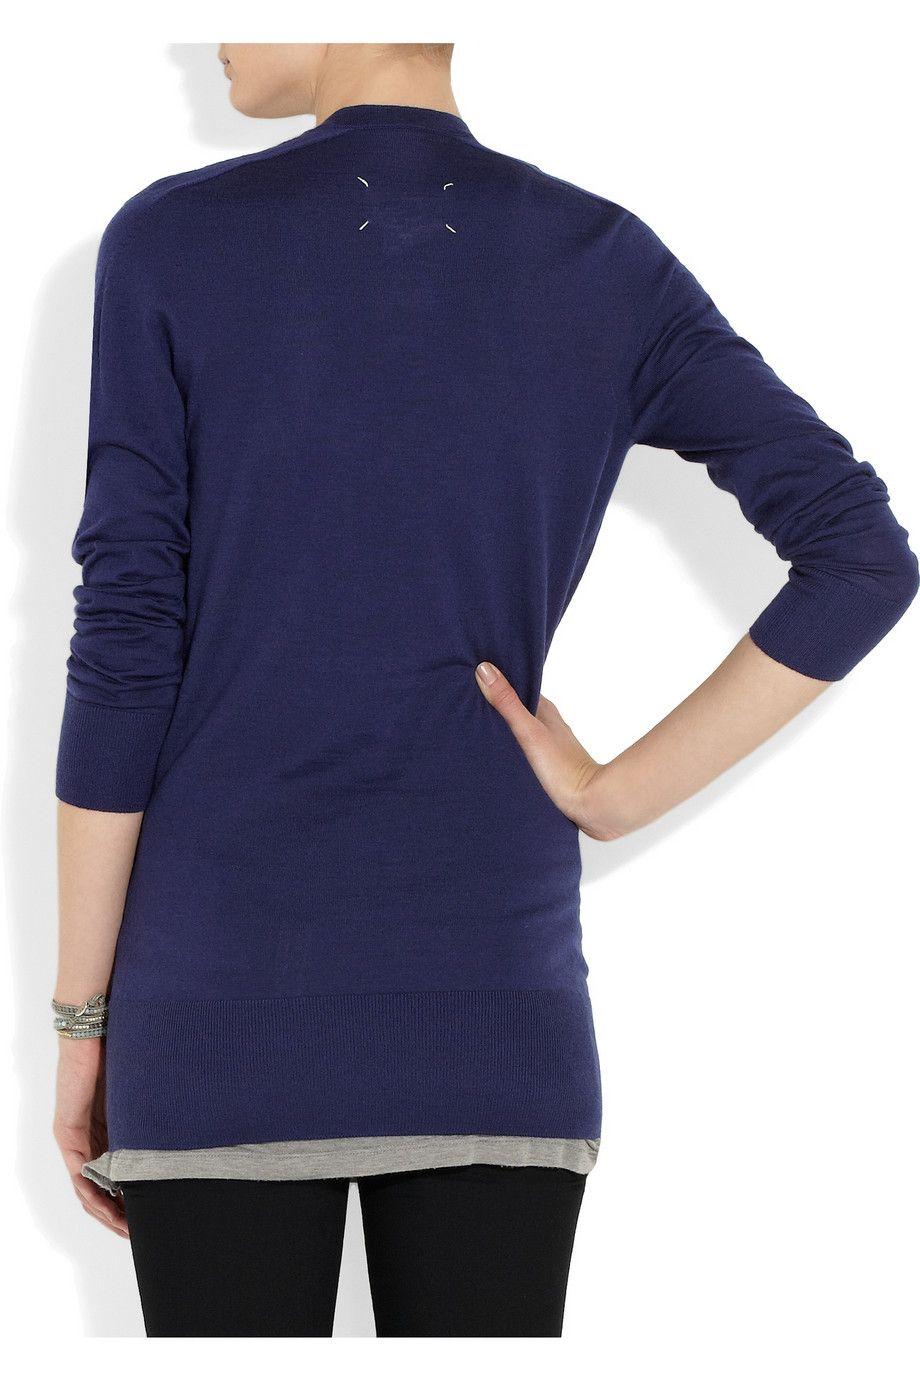 Maison Martin Margiela|Cashmere sweater|NET-A-PORTER.COM